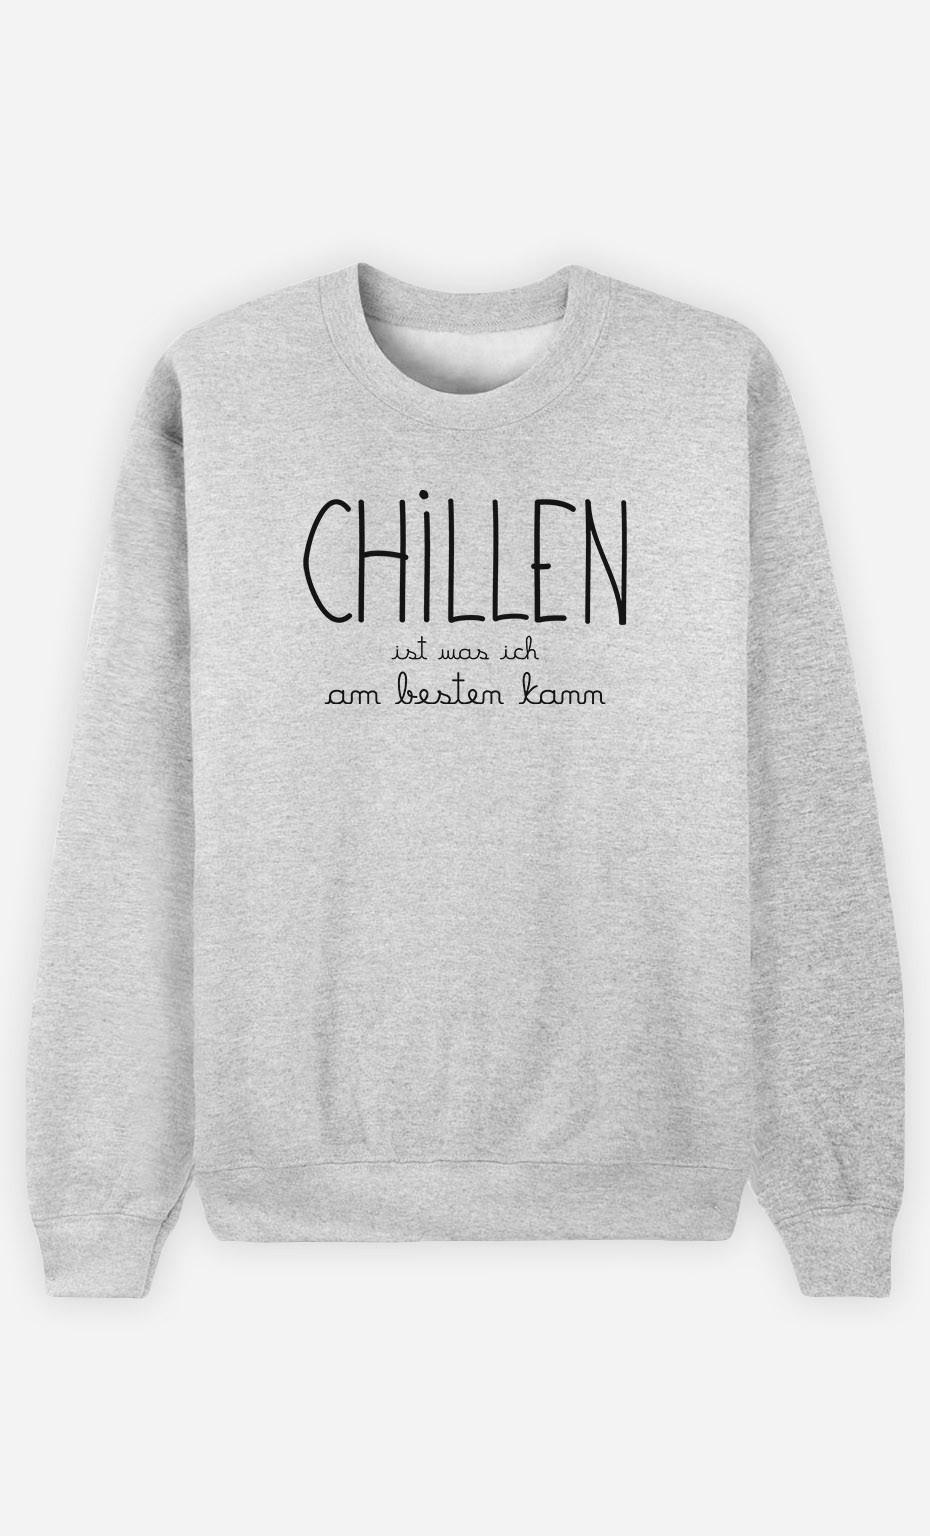 Sweatshirt Chillen